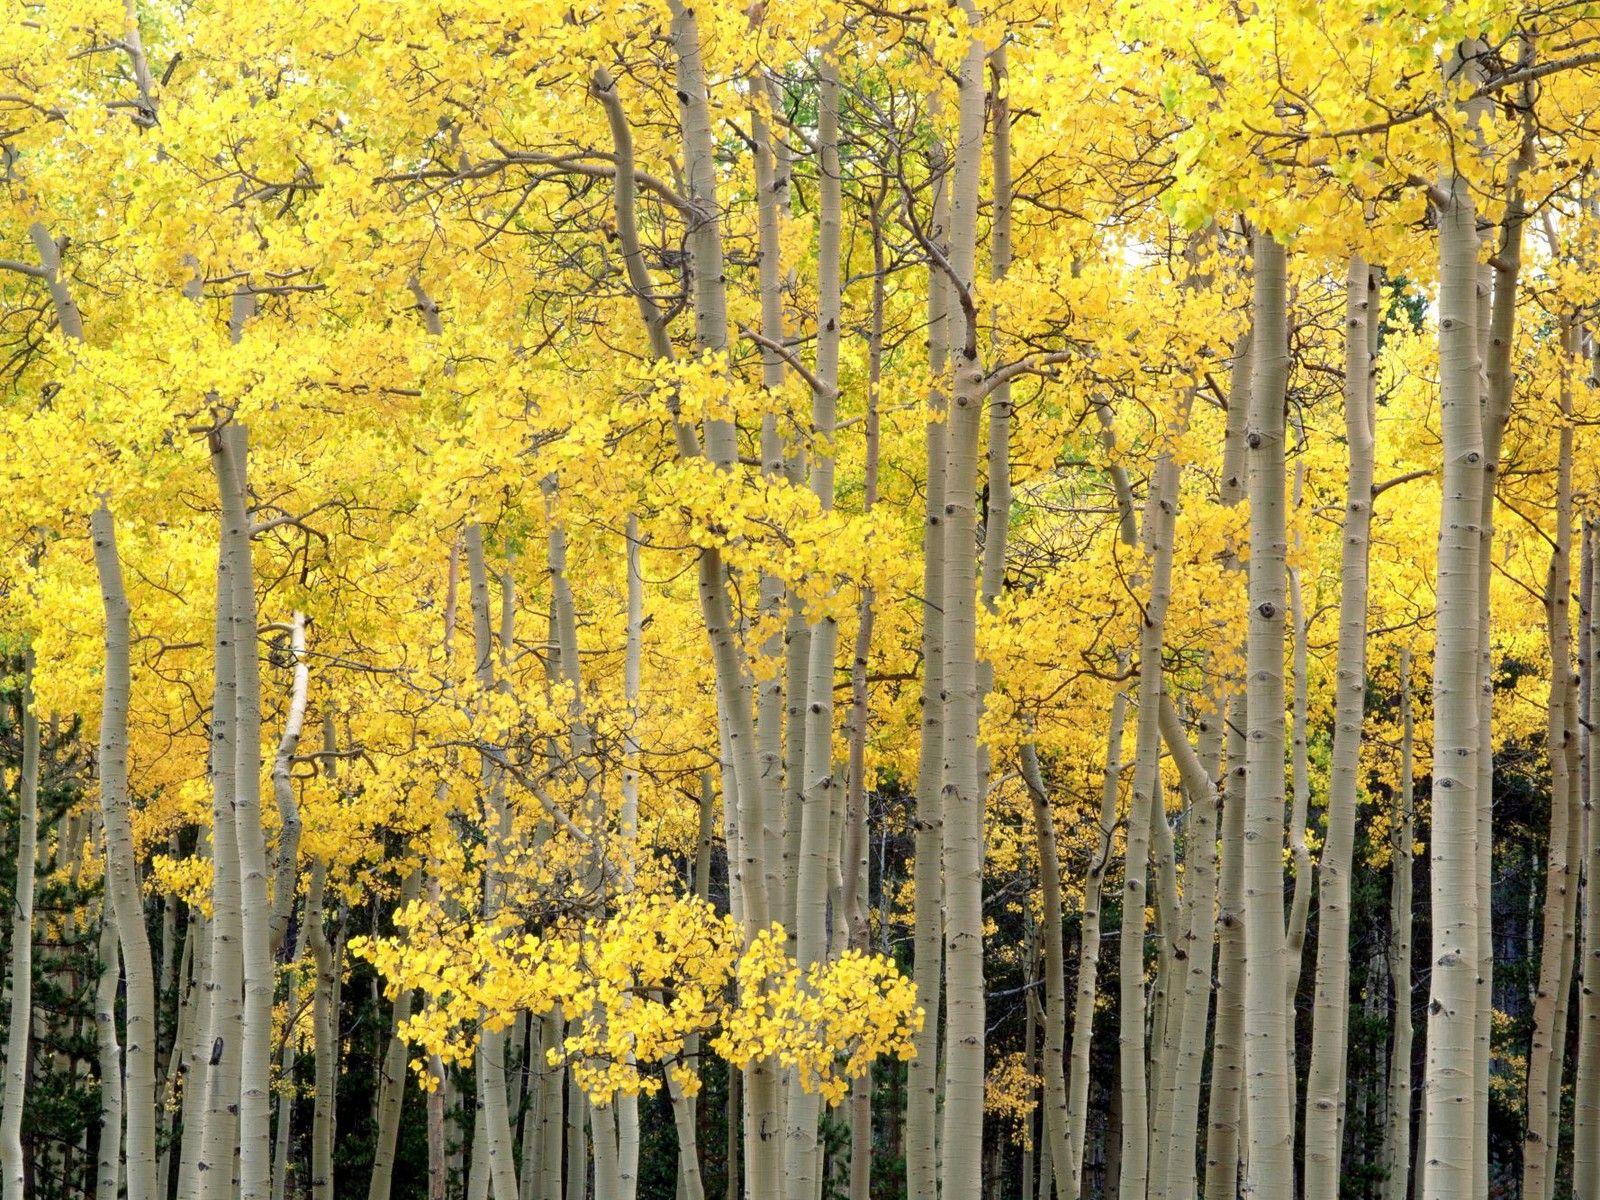 Autumn Aspens, Kenosha Pass, Pike National Forest, Colorado - http://imashon.com/w/autumn-aspens-kenosha-pass-pike-national-forest-colorado.html